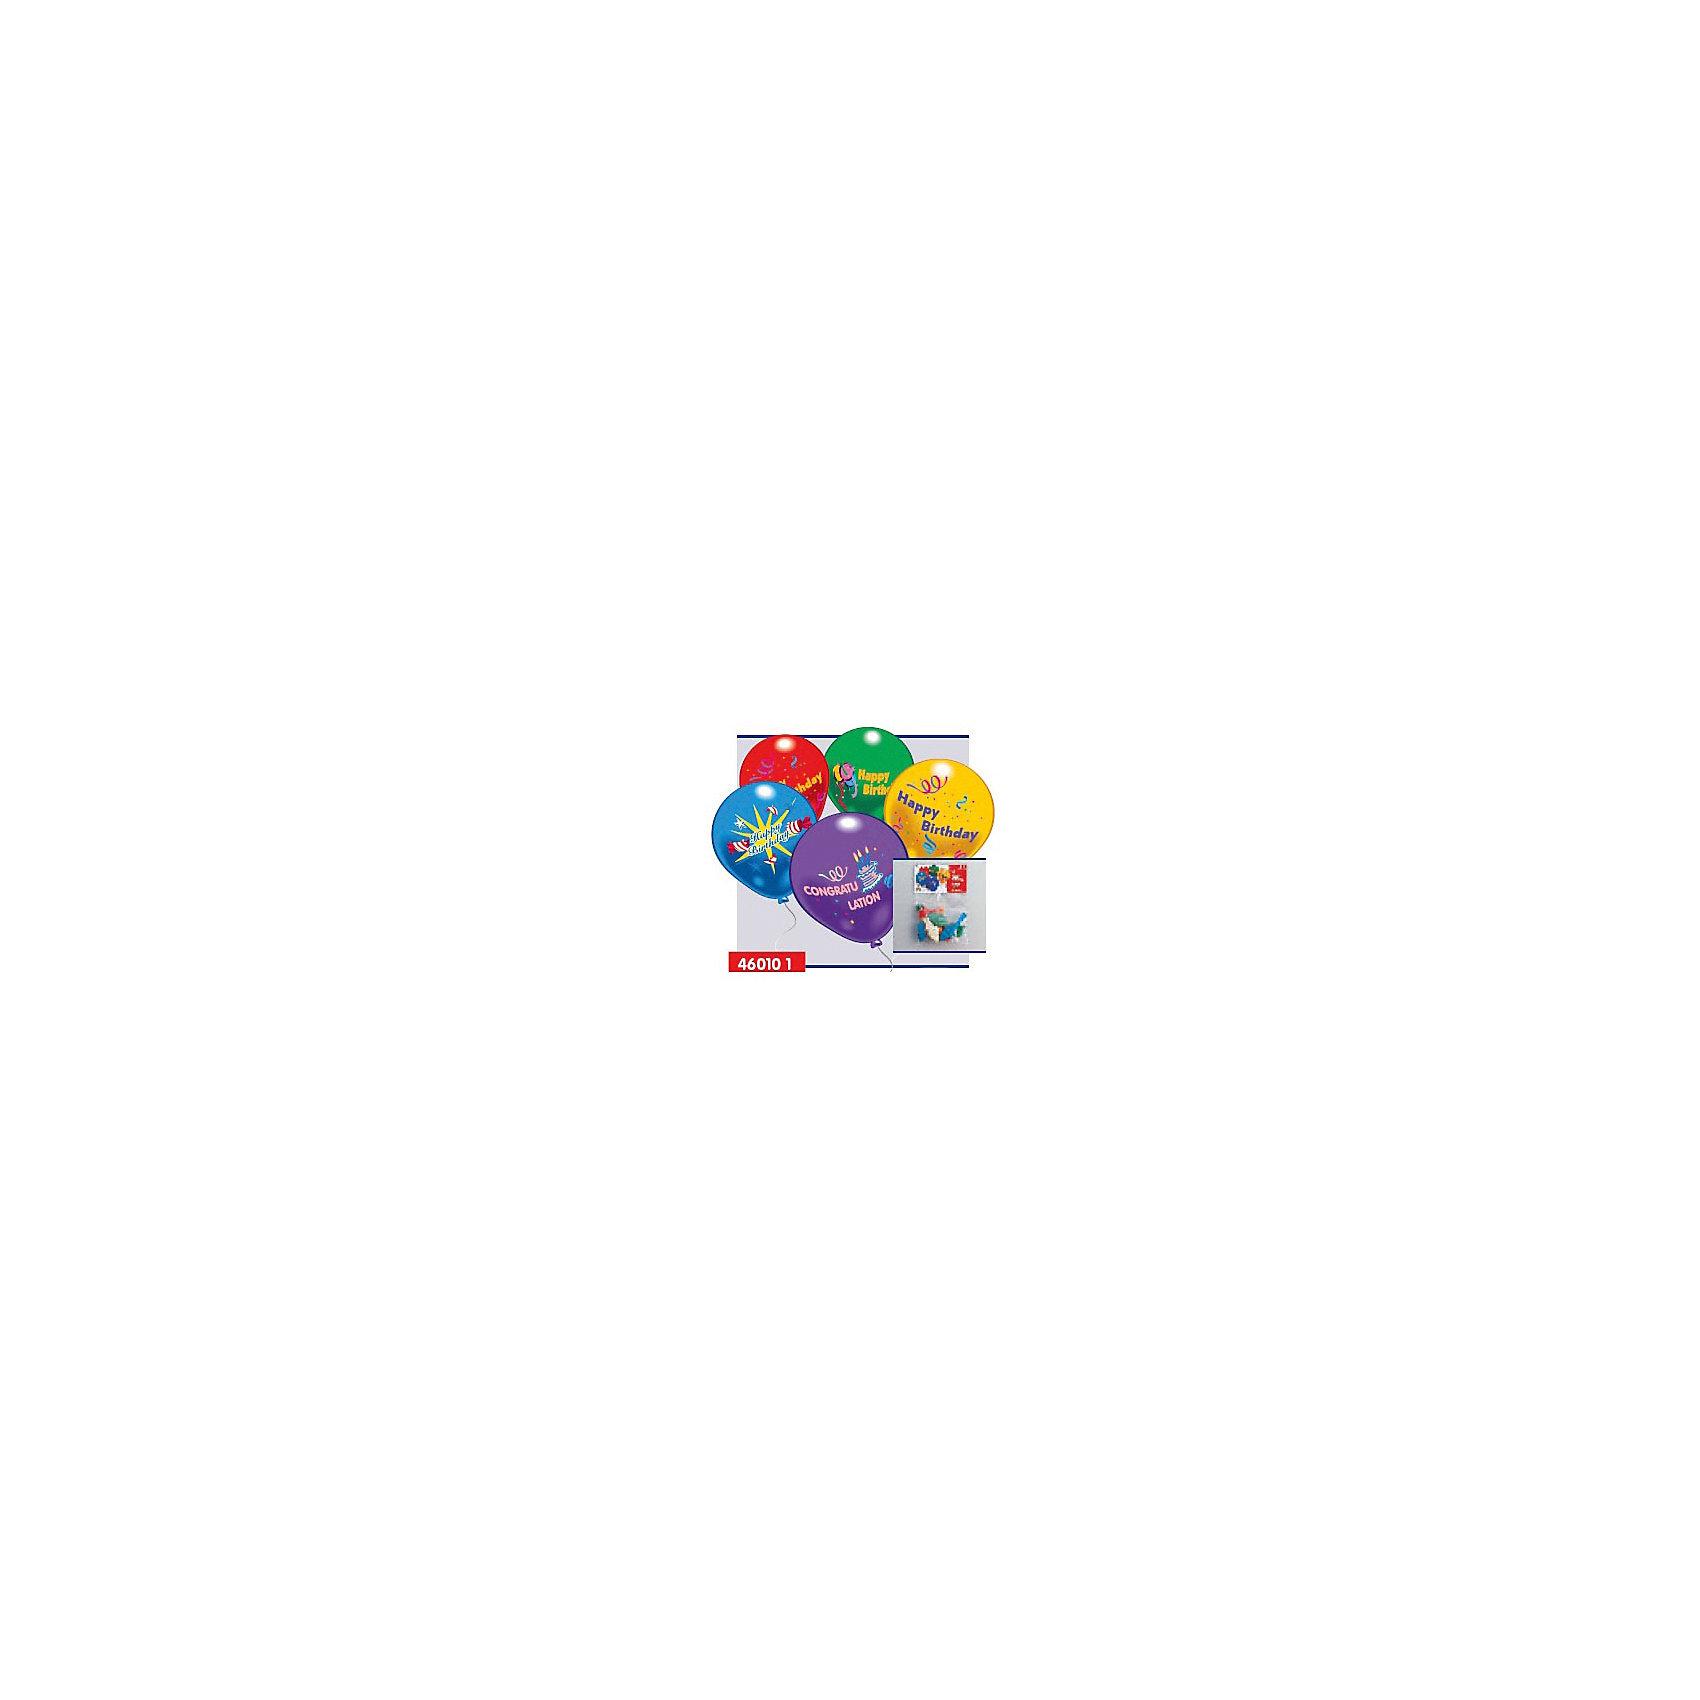 10 шариков С днем рождения!Всё для праздника<br>Характеристики товара:<br><br>• возраст: от 3 лет;<br>• упаковка: пакет;<br>• размер упаковки: 15х23х1 см.;<br>• количество шаров: 10 шт.;<br>• состав: латекс 100%;<br>• бренд, страна: Everts, Россия;<br>• страна-производитель: США.<br><br>10 разноцветных шариков с надписью «Happy Birthday!» помогут ярко украсить комнату и создать праздничную атмосферу вашего торжества, а также станут оригинальным и незабываемым подарком.<br><br>Насыщенный цвет, легкое надувание и высококачественные материалы выгодно отличают их среди других праздничных аксессуаров. Вы можете надувать шарики самостоятельно или воспользоваться насосом от Everts, который быстро справится с задачей. <br><br>10  шариков «С днем рождения»,  Everts (Эвертс)  можно купить в нашем интернет-магазине.<br><br>Ширина мм: 150<br>Глубина мм: 230<br>Высота мм: 10<br>Вес г: 10<br>Возраст от месяцев: 36<br>Возраст до месяцев: 120<br>Пол: Унисекс<br>Возраст: Детский<br>SKU: 6912888